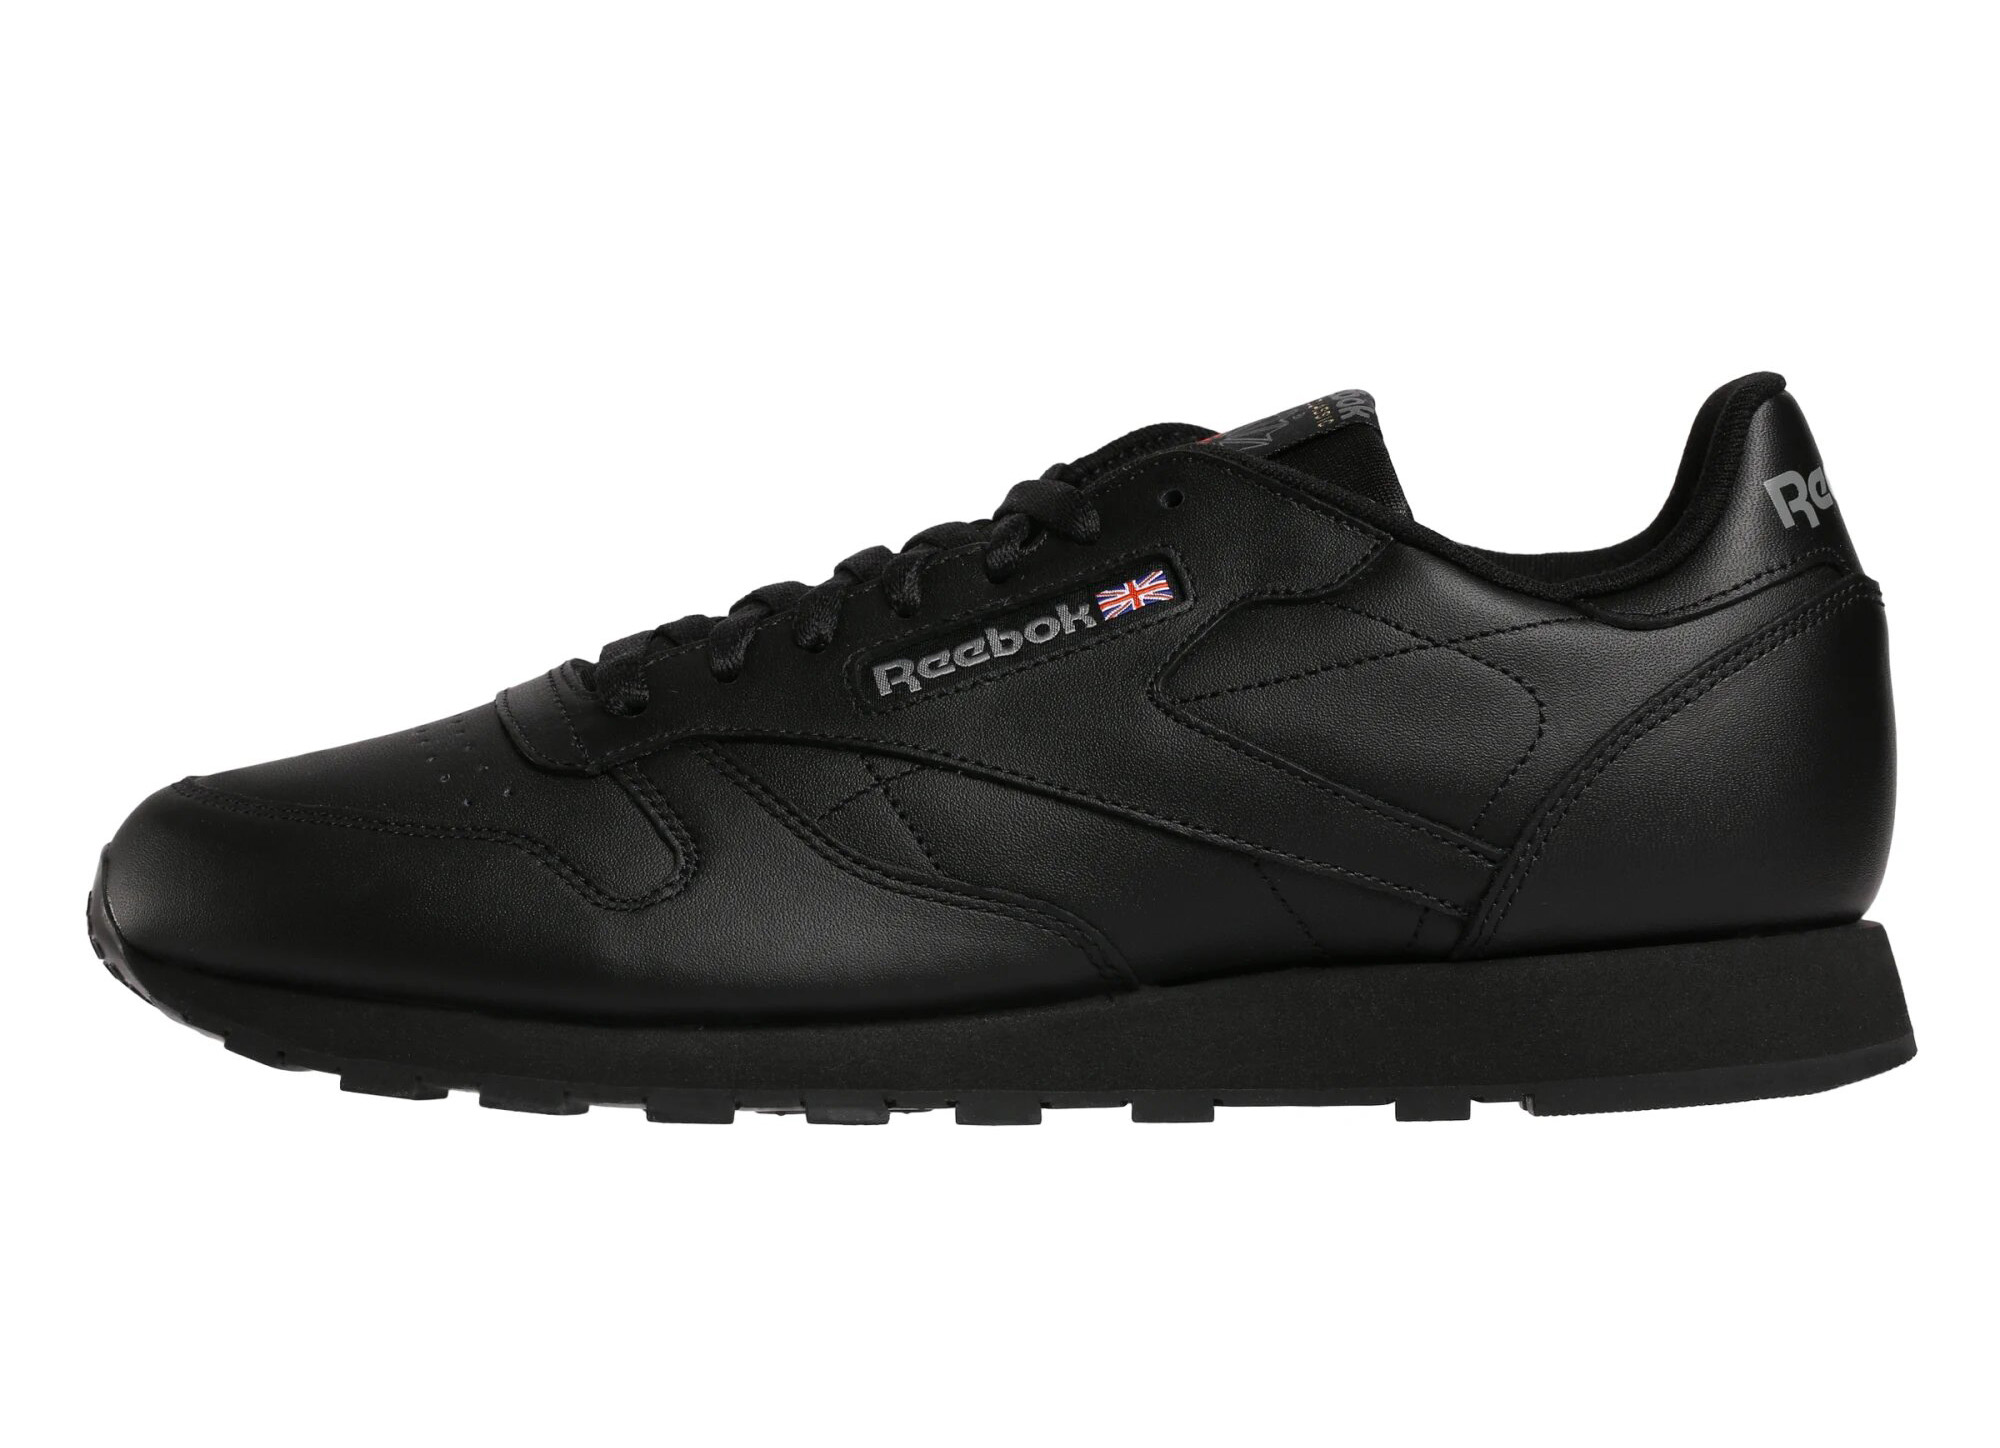 Кроссовки Reebok Classic Leather, black/int-black, 11.5 US фото